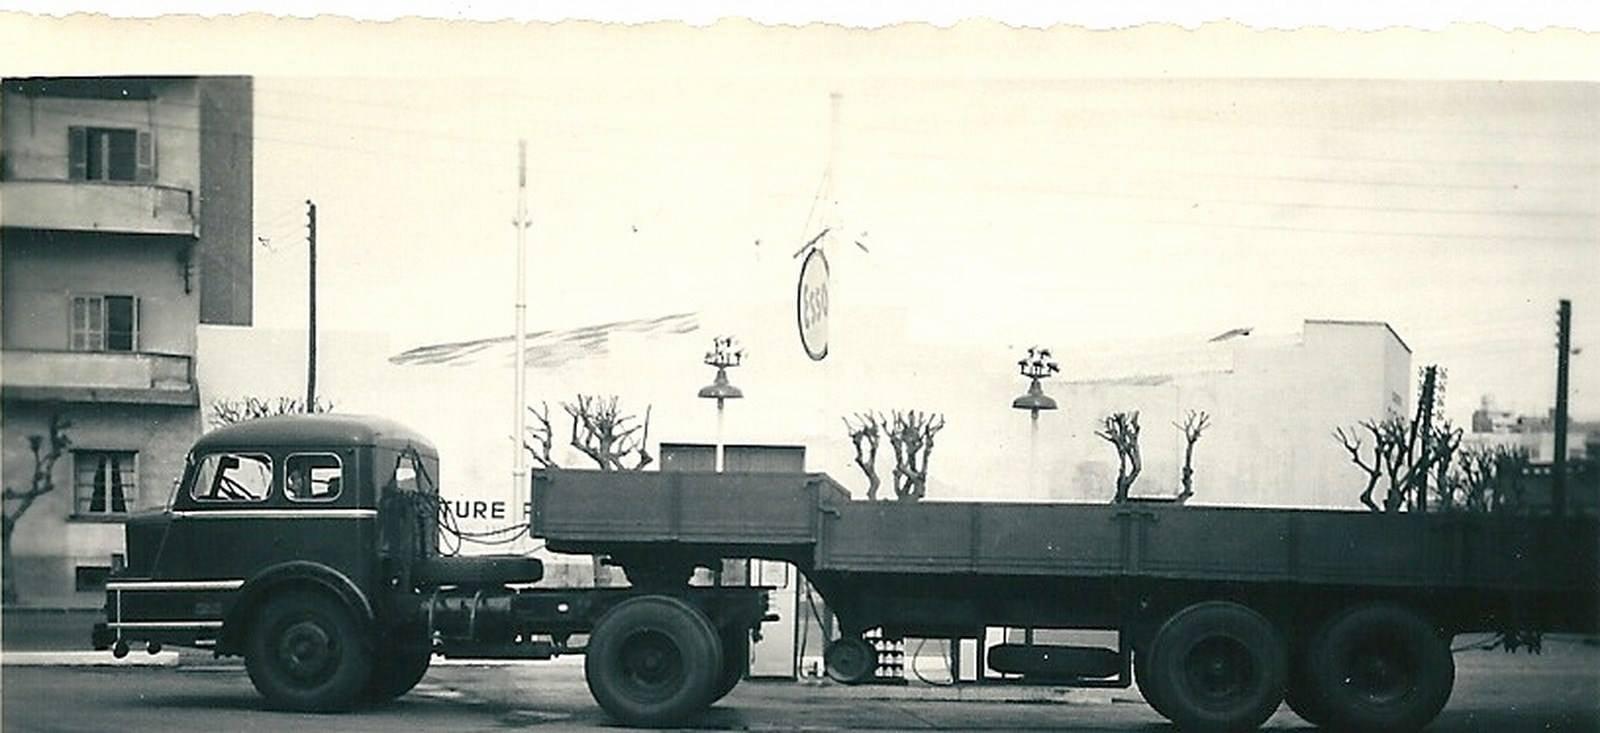 Willeme--de-lelijkste-vrachtwagen-ter-wereld--1952-varkens-neus---(2)